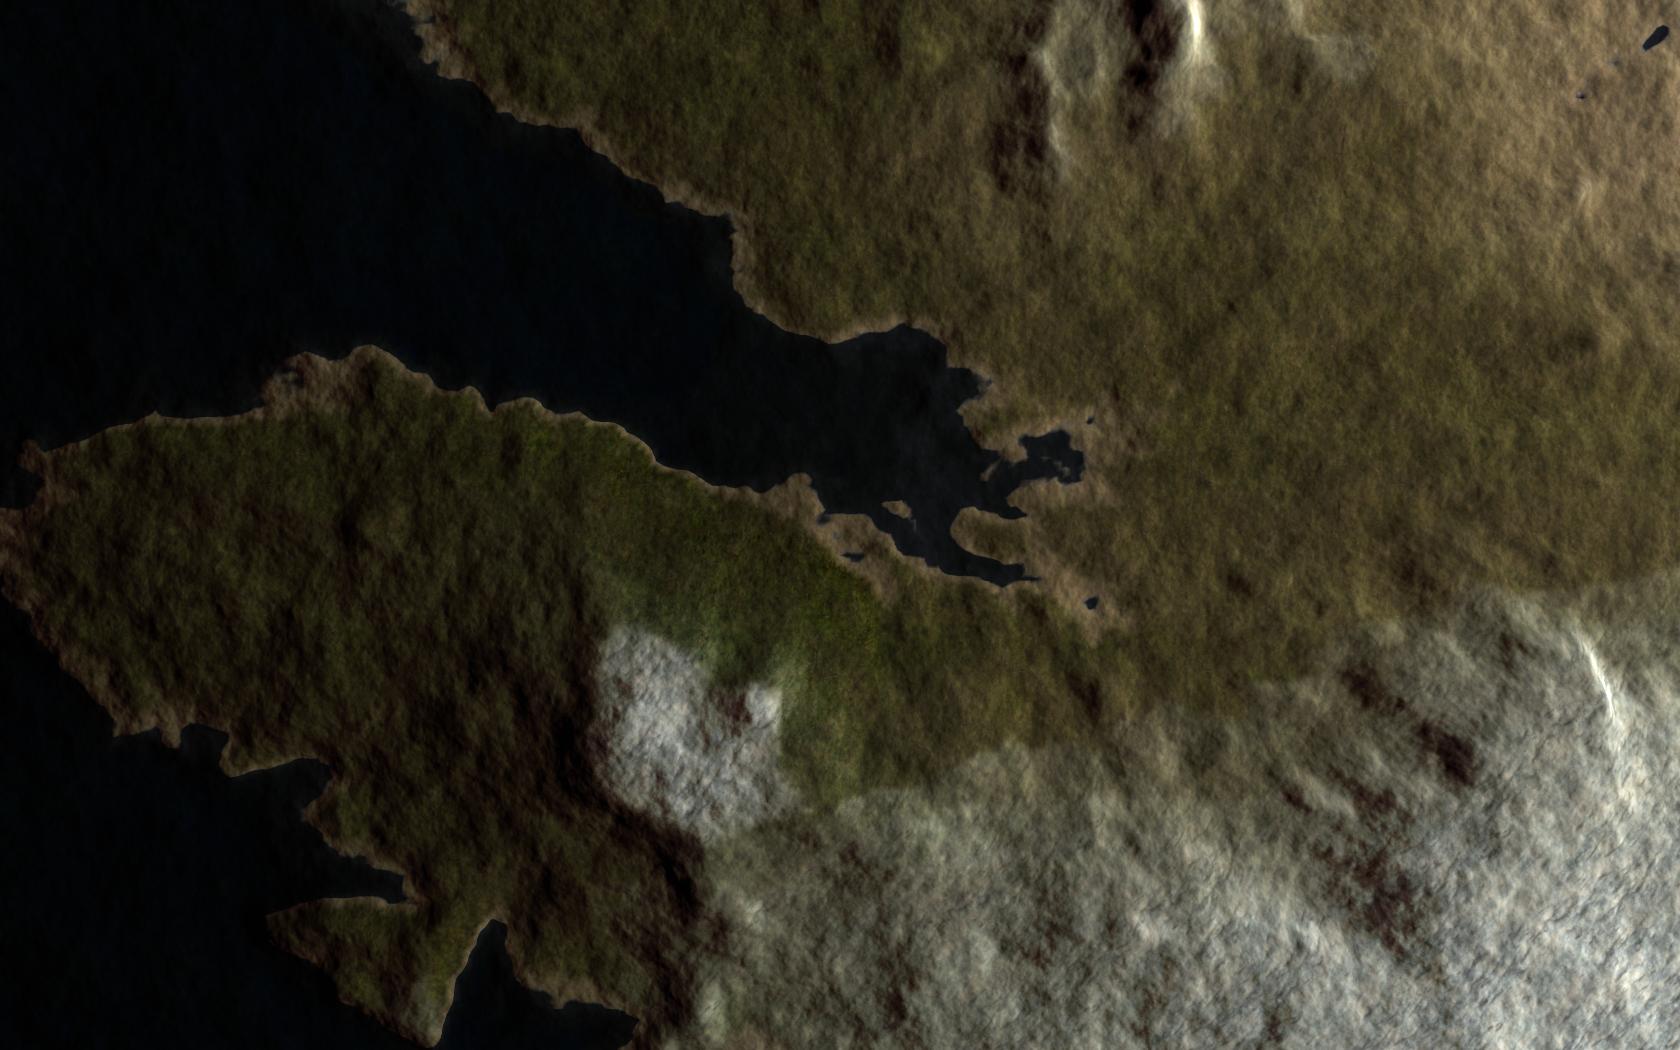 Terran planet viewed from sattelite